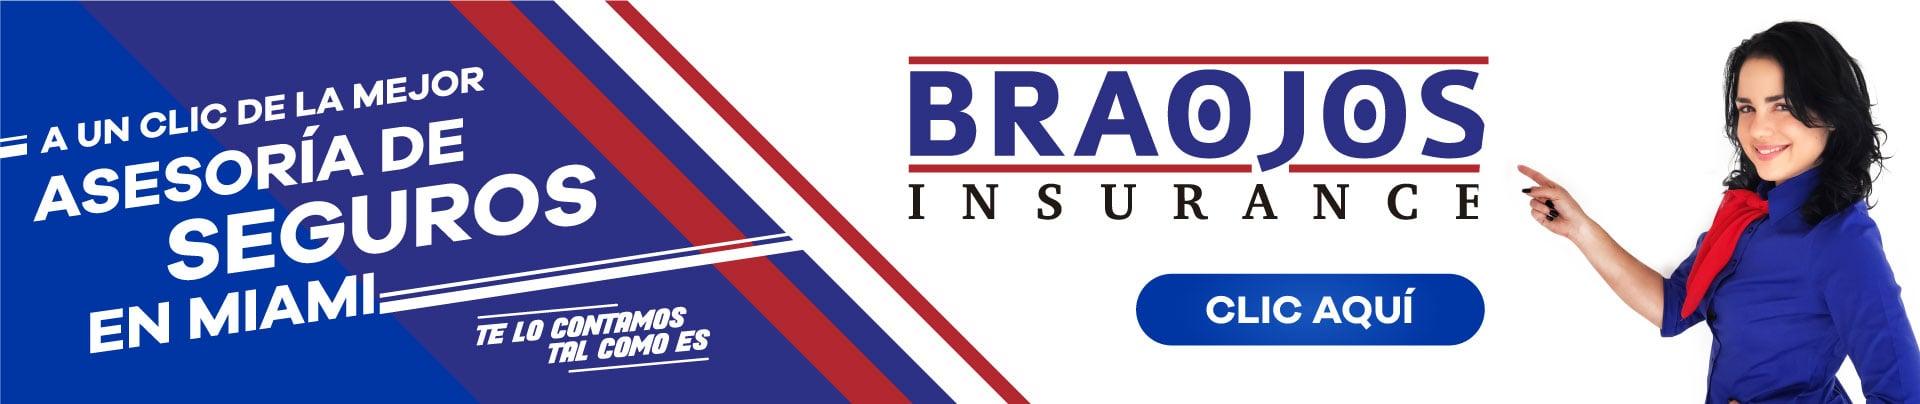 asesoria de seguros médicos en Florida